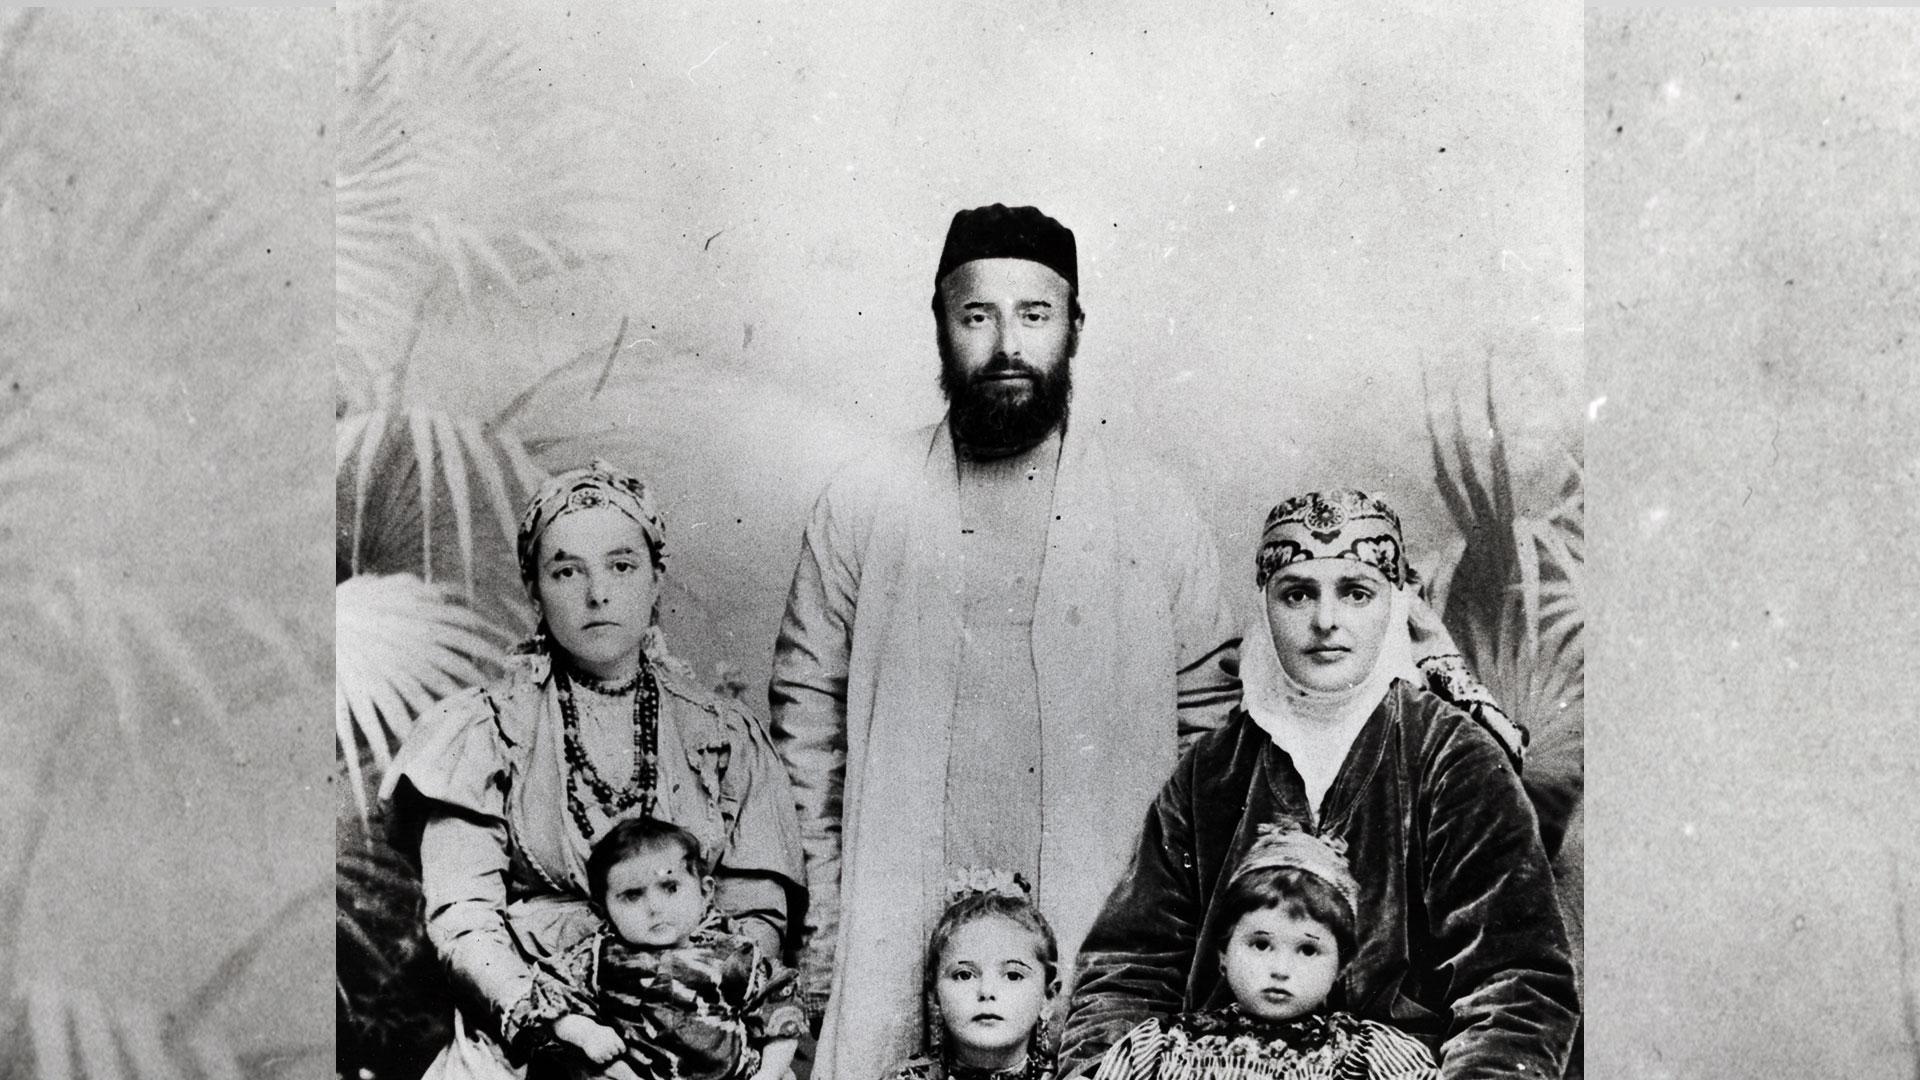 משפחת בביוף, אוזבכיסתאן, 1909 בקירוב